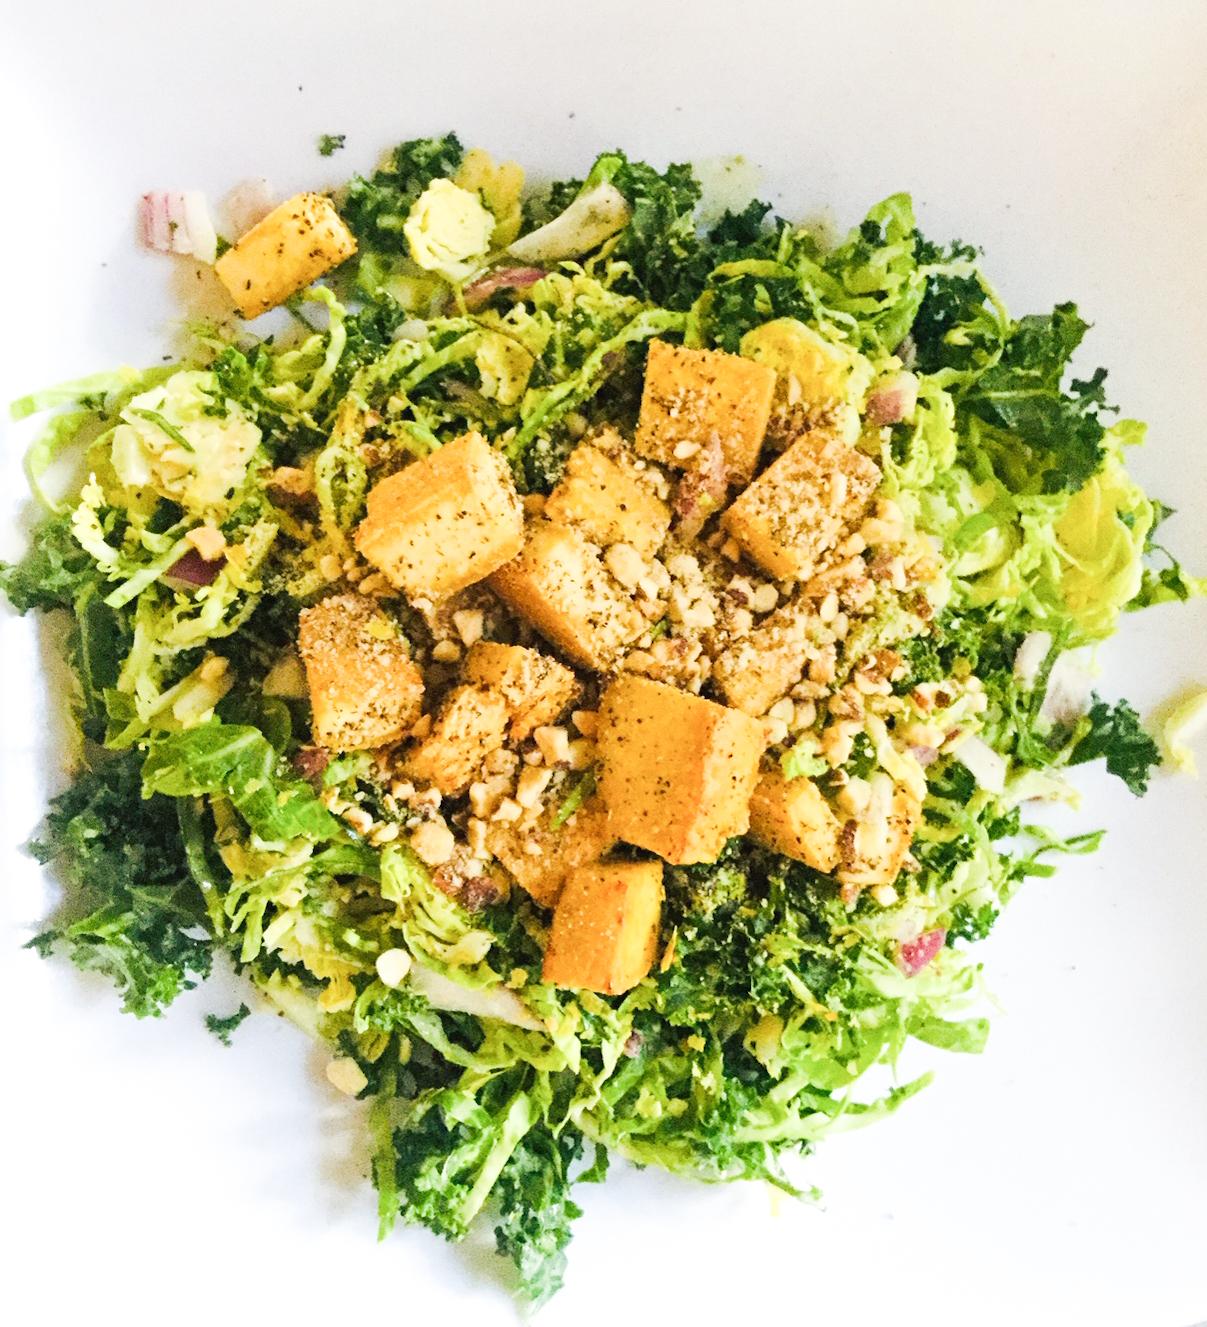 Salade de tofu grillé au poivre et aux choux de Bruxelles amande et orange